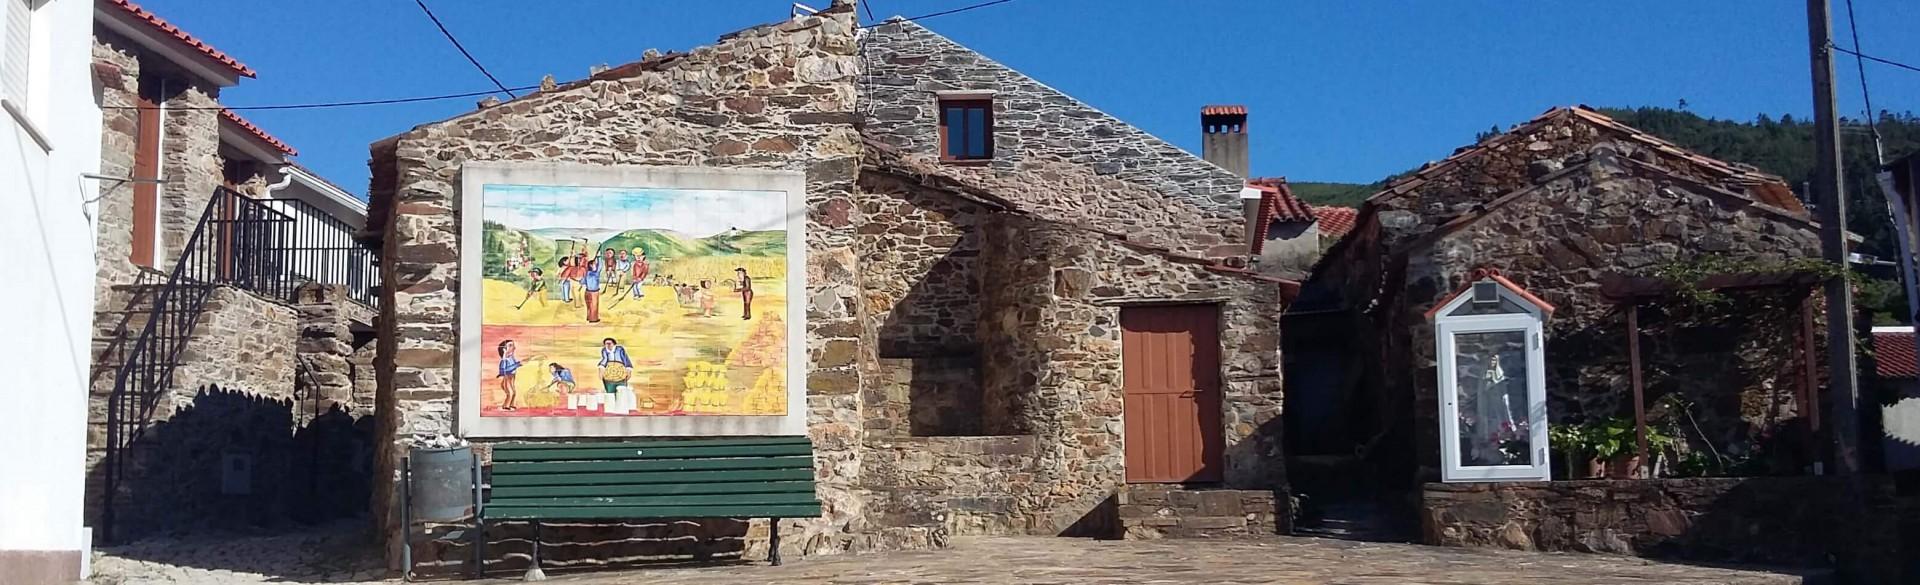 Casa da Cerejeira - Casas dos Carregais